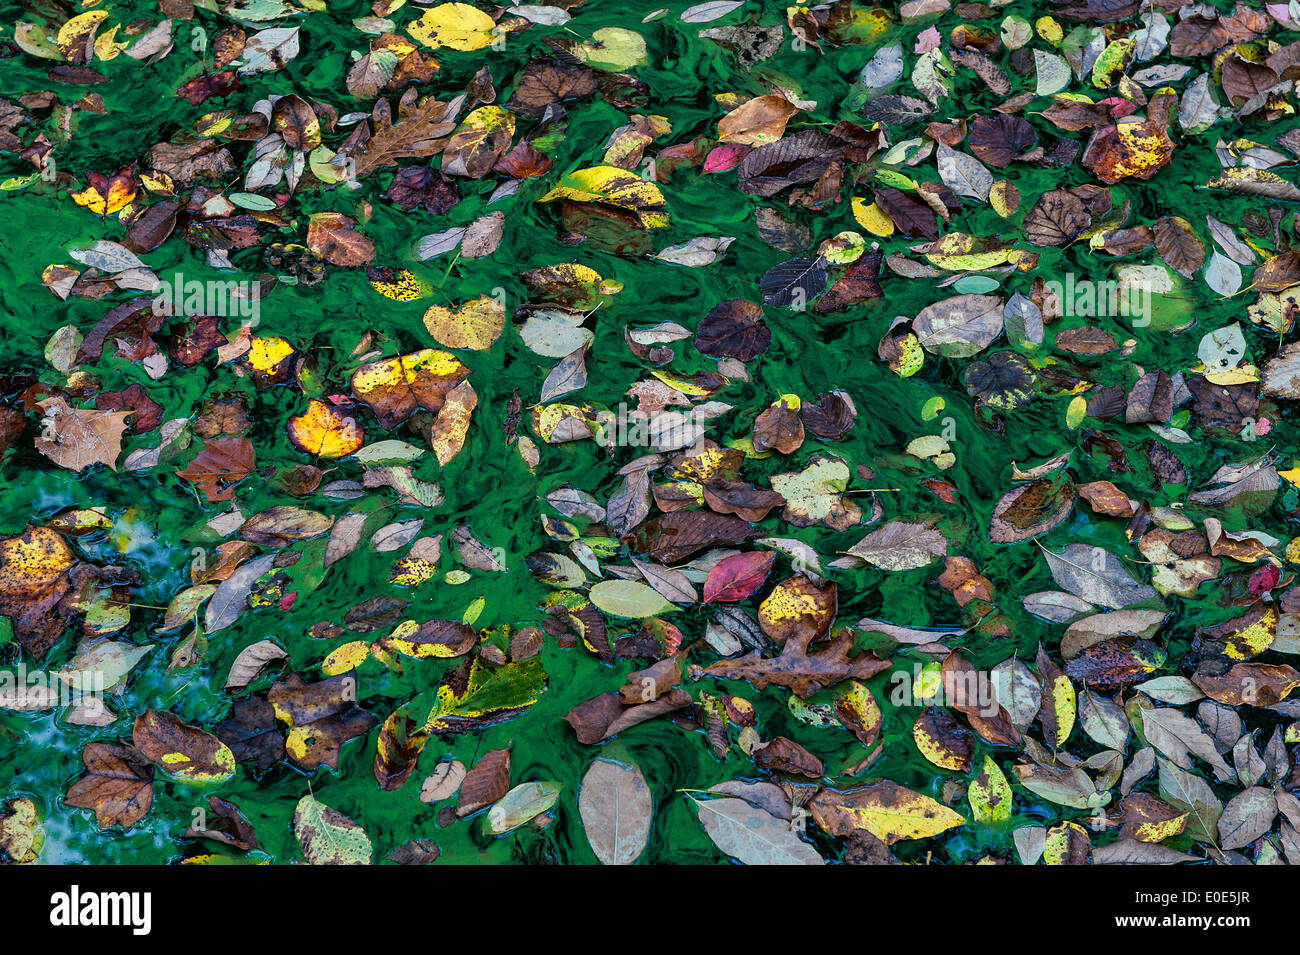 Les feuilles d'automne dans un étang d'algues vertes. Photo Stock